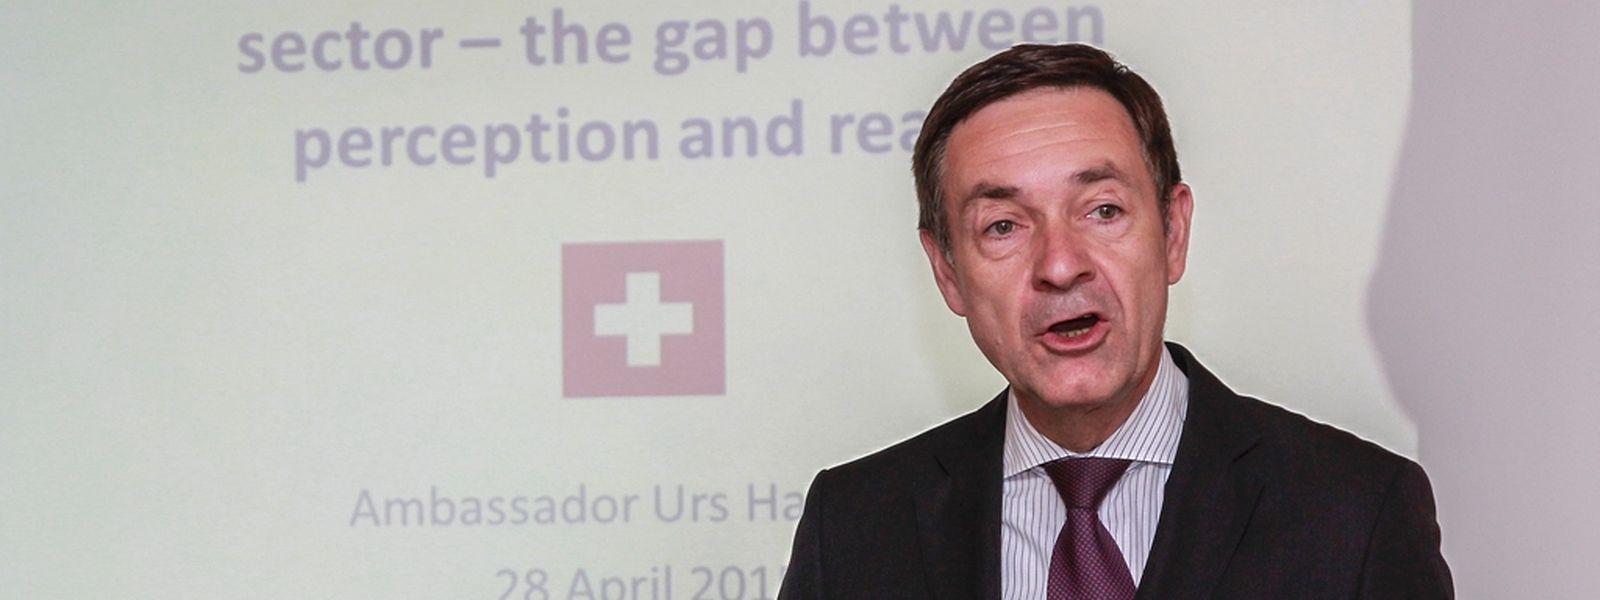 Urs Hammer, ambassadeur de Suisse au Luxembourg, qui s'exprimait à l'occasion d'une conférence du «Luxembourg Institute for Global Financial Integrity». (Photo: Guy Jallay)